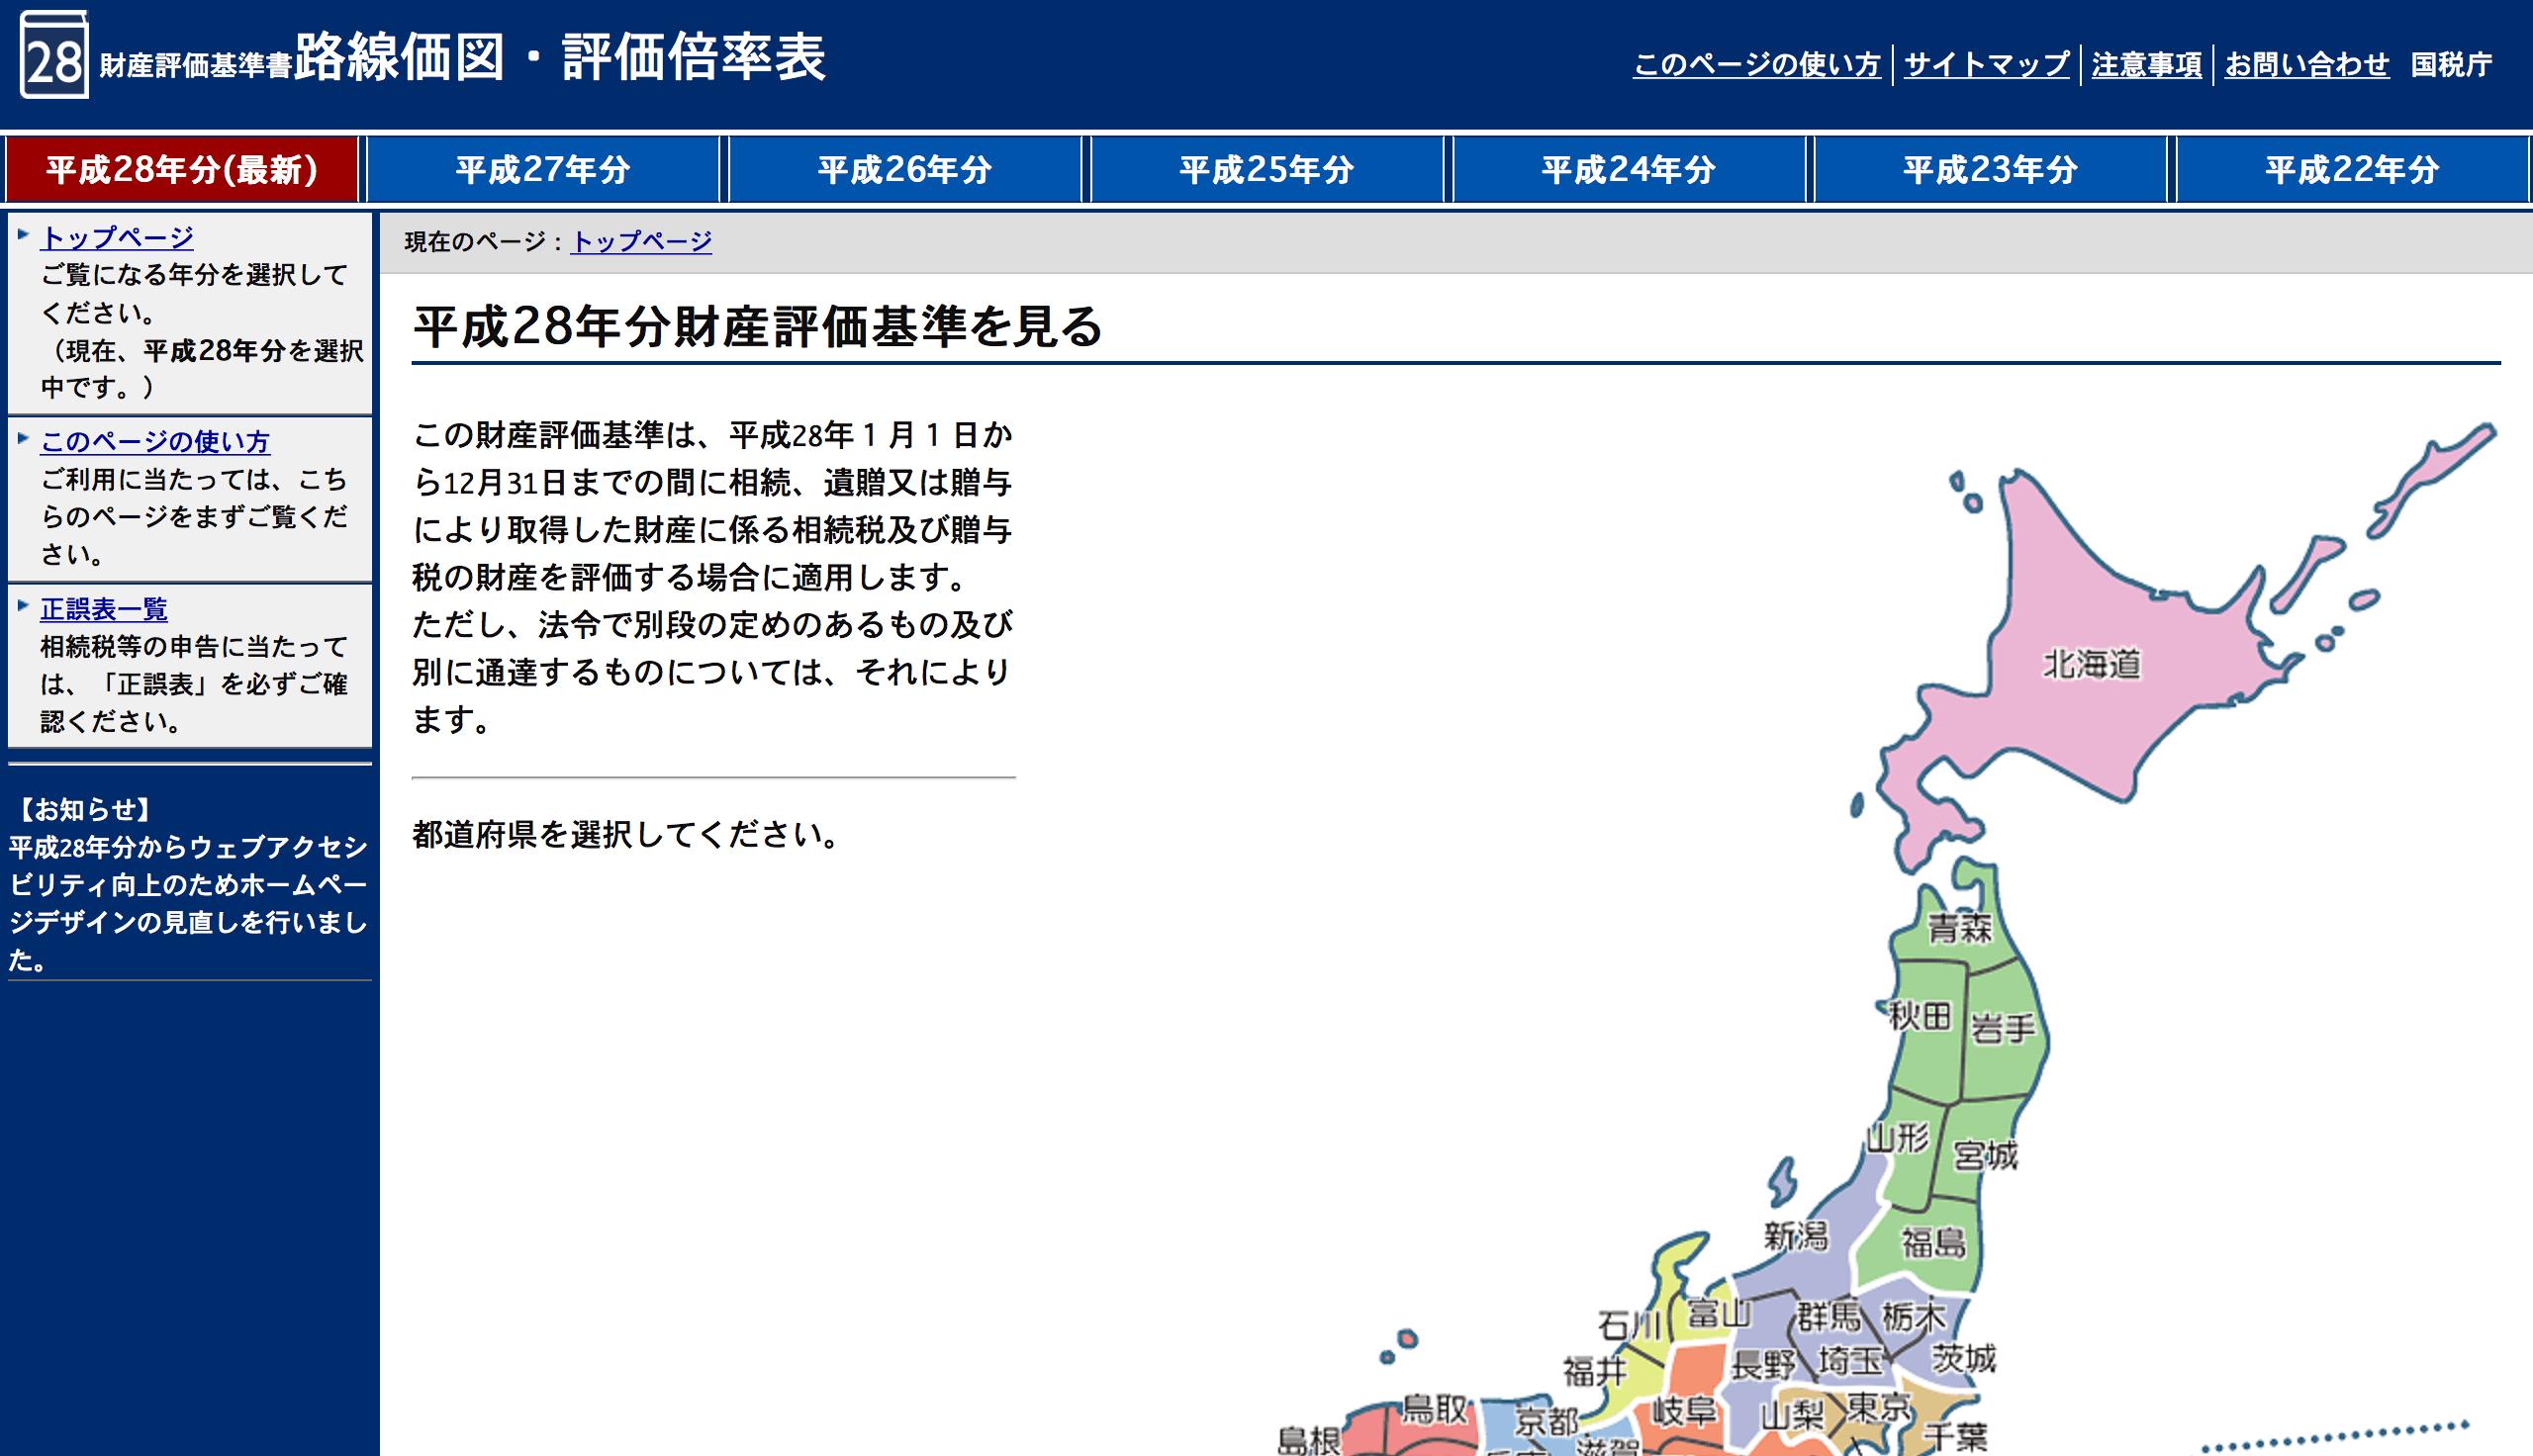 国税庁ホームページ「路線価図・評価倍率表」